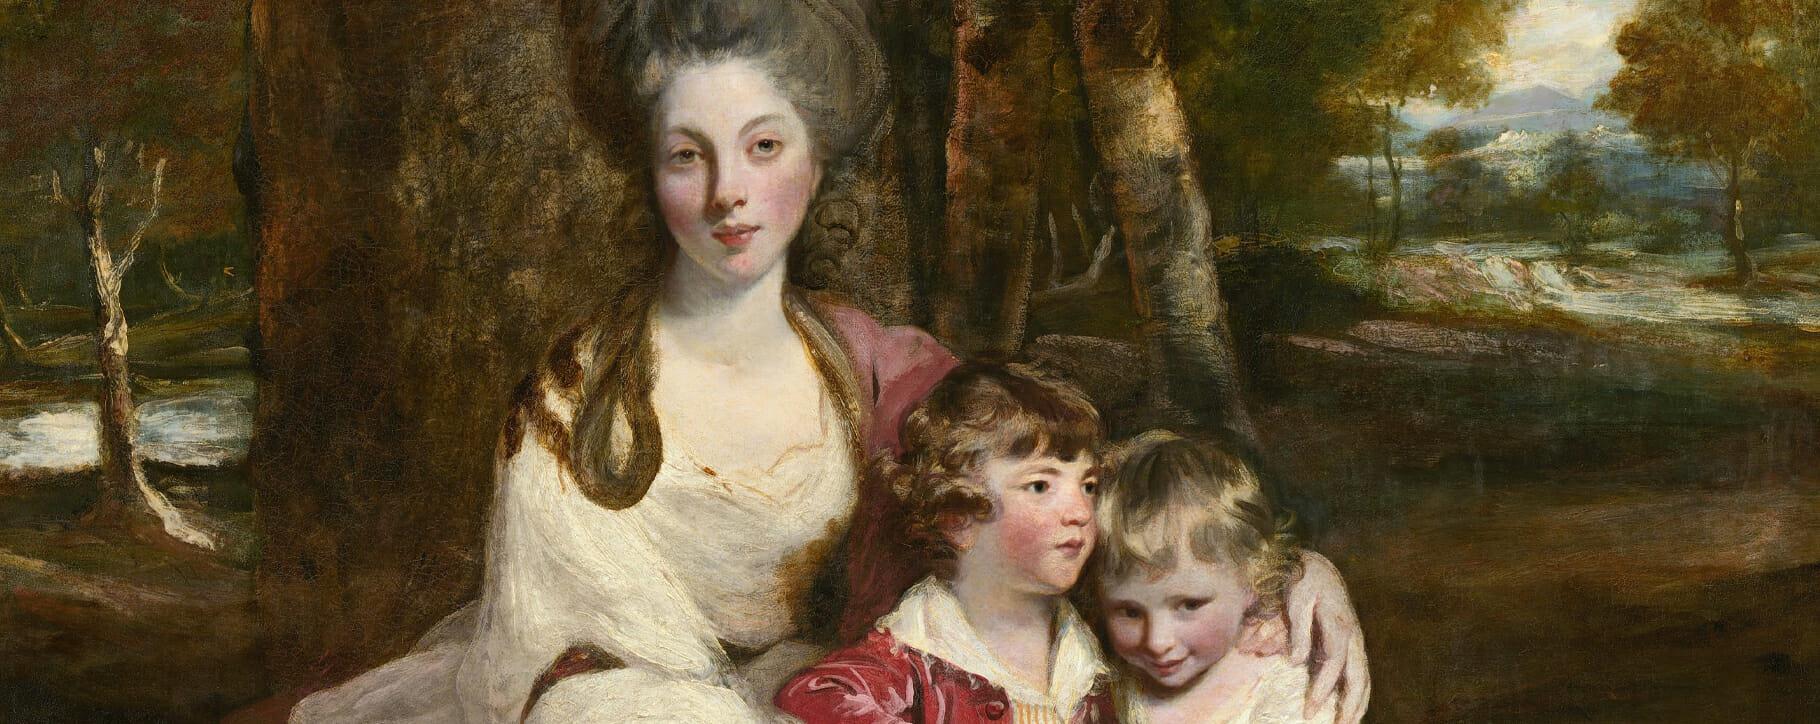 Lady Elizabeth Delme by Joshua Reynolds